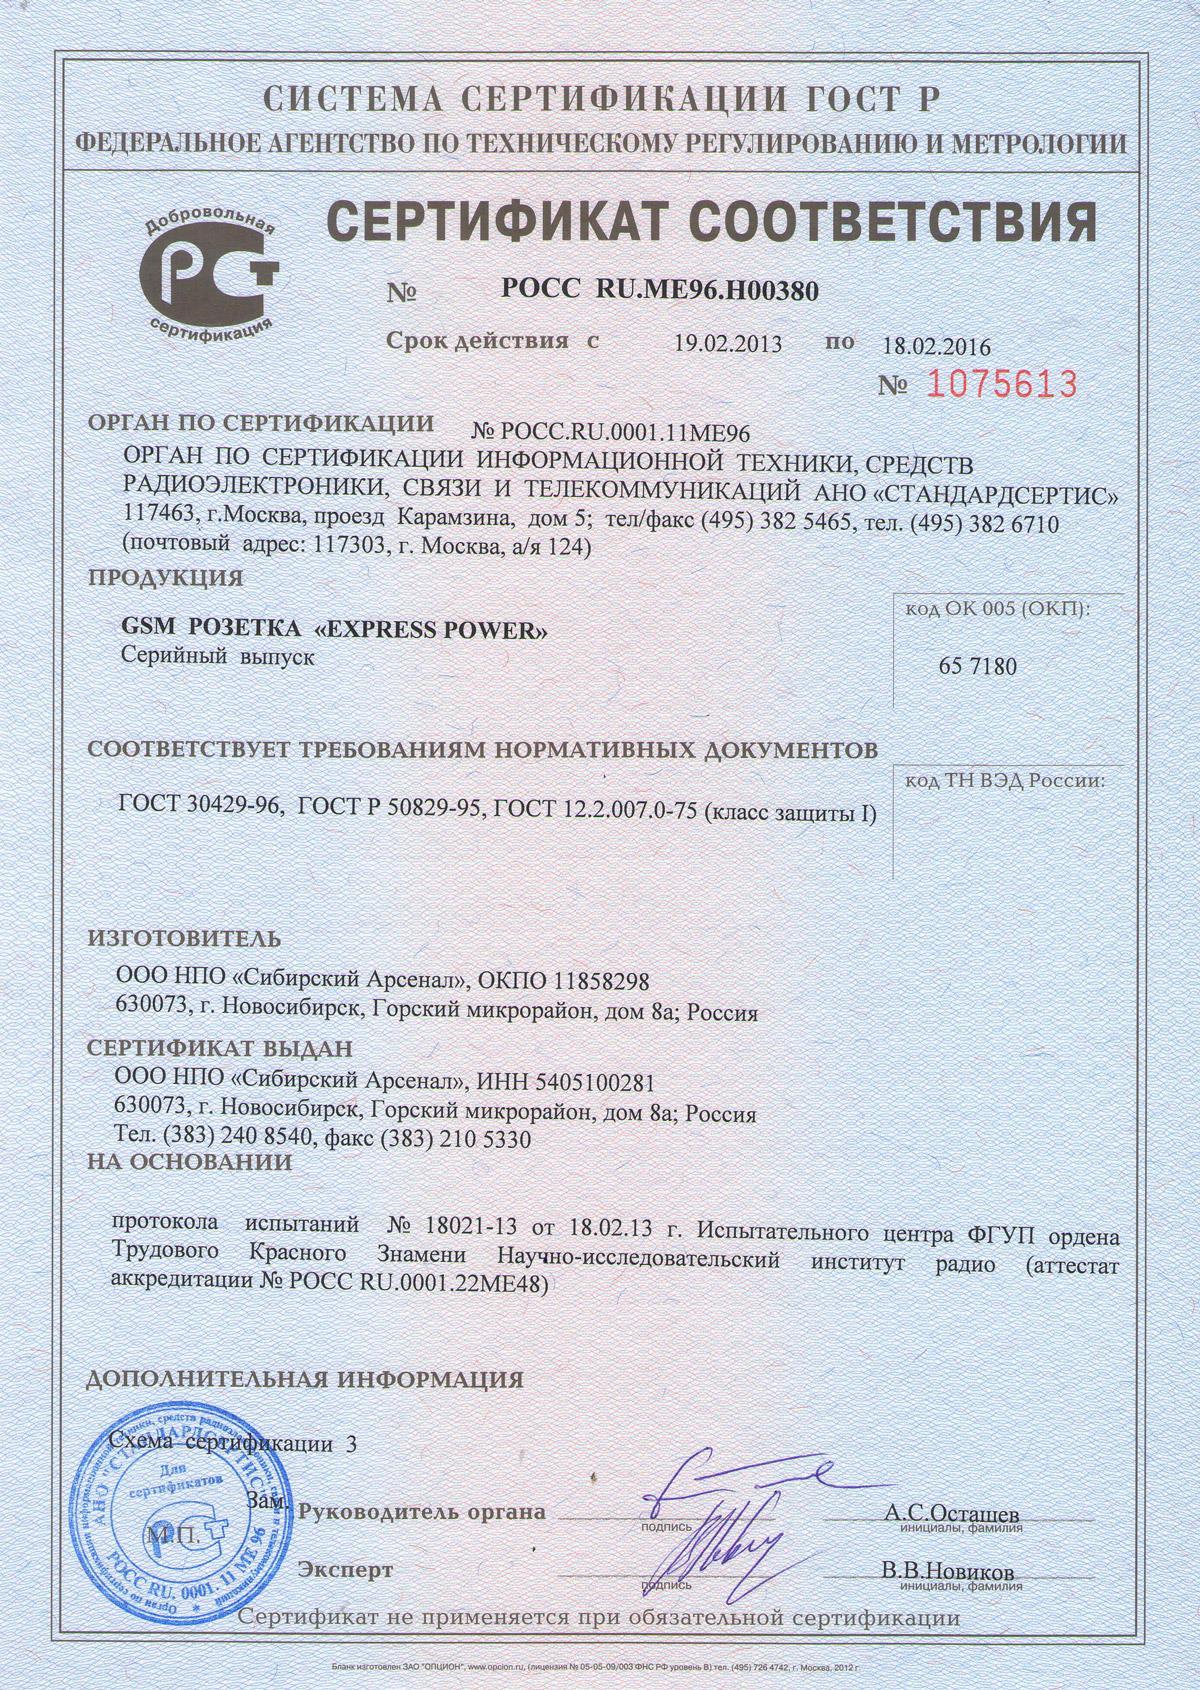 истек срок действия сертификата на программное обеспечение: